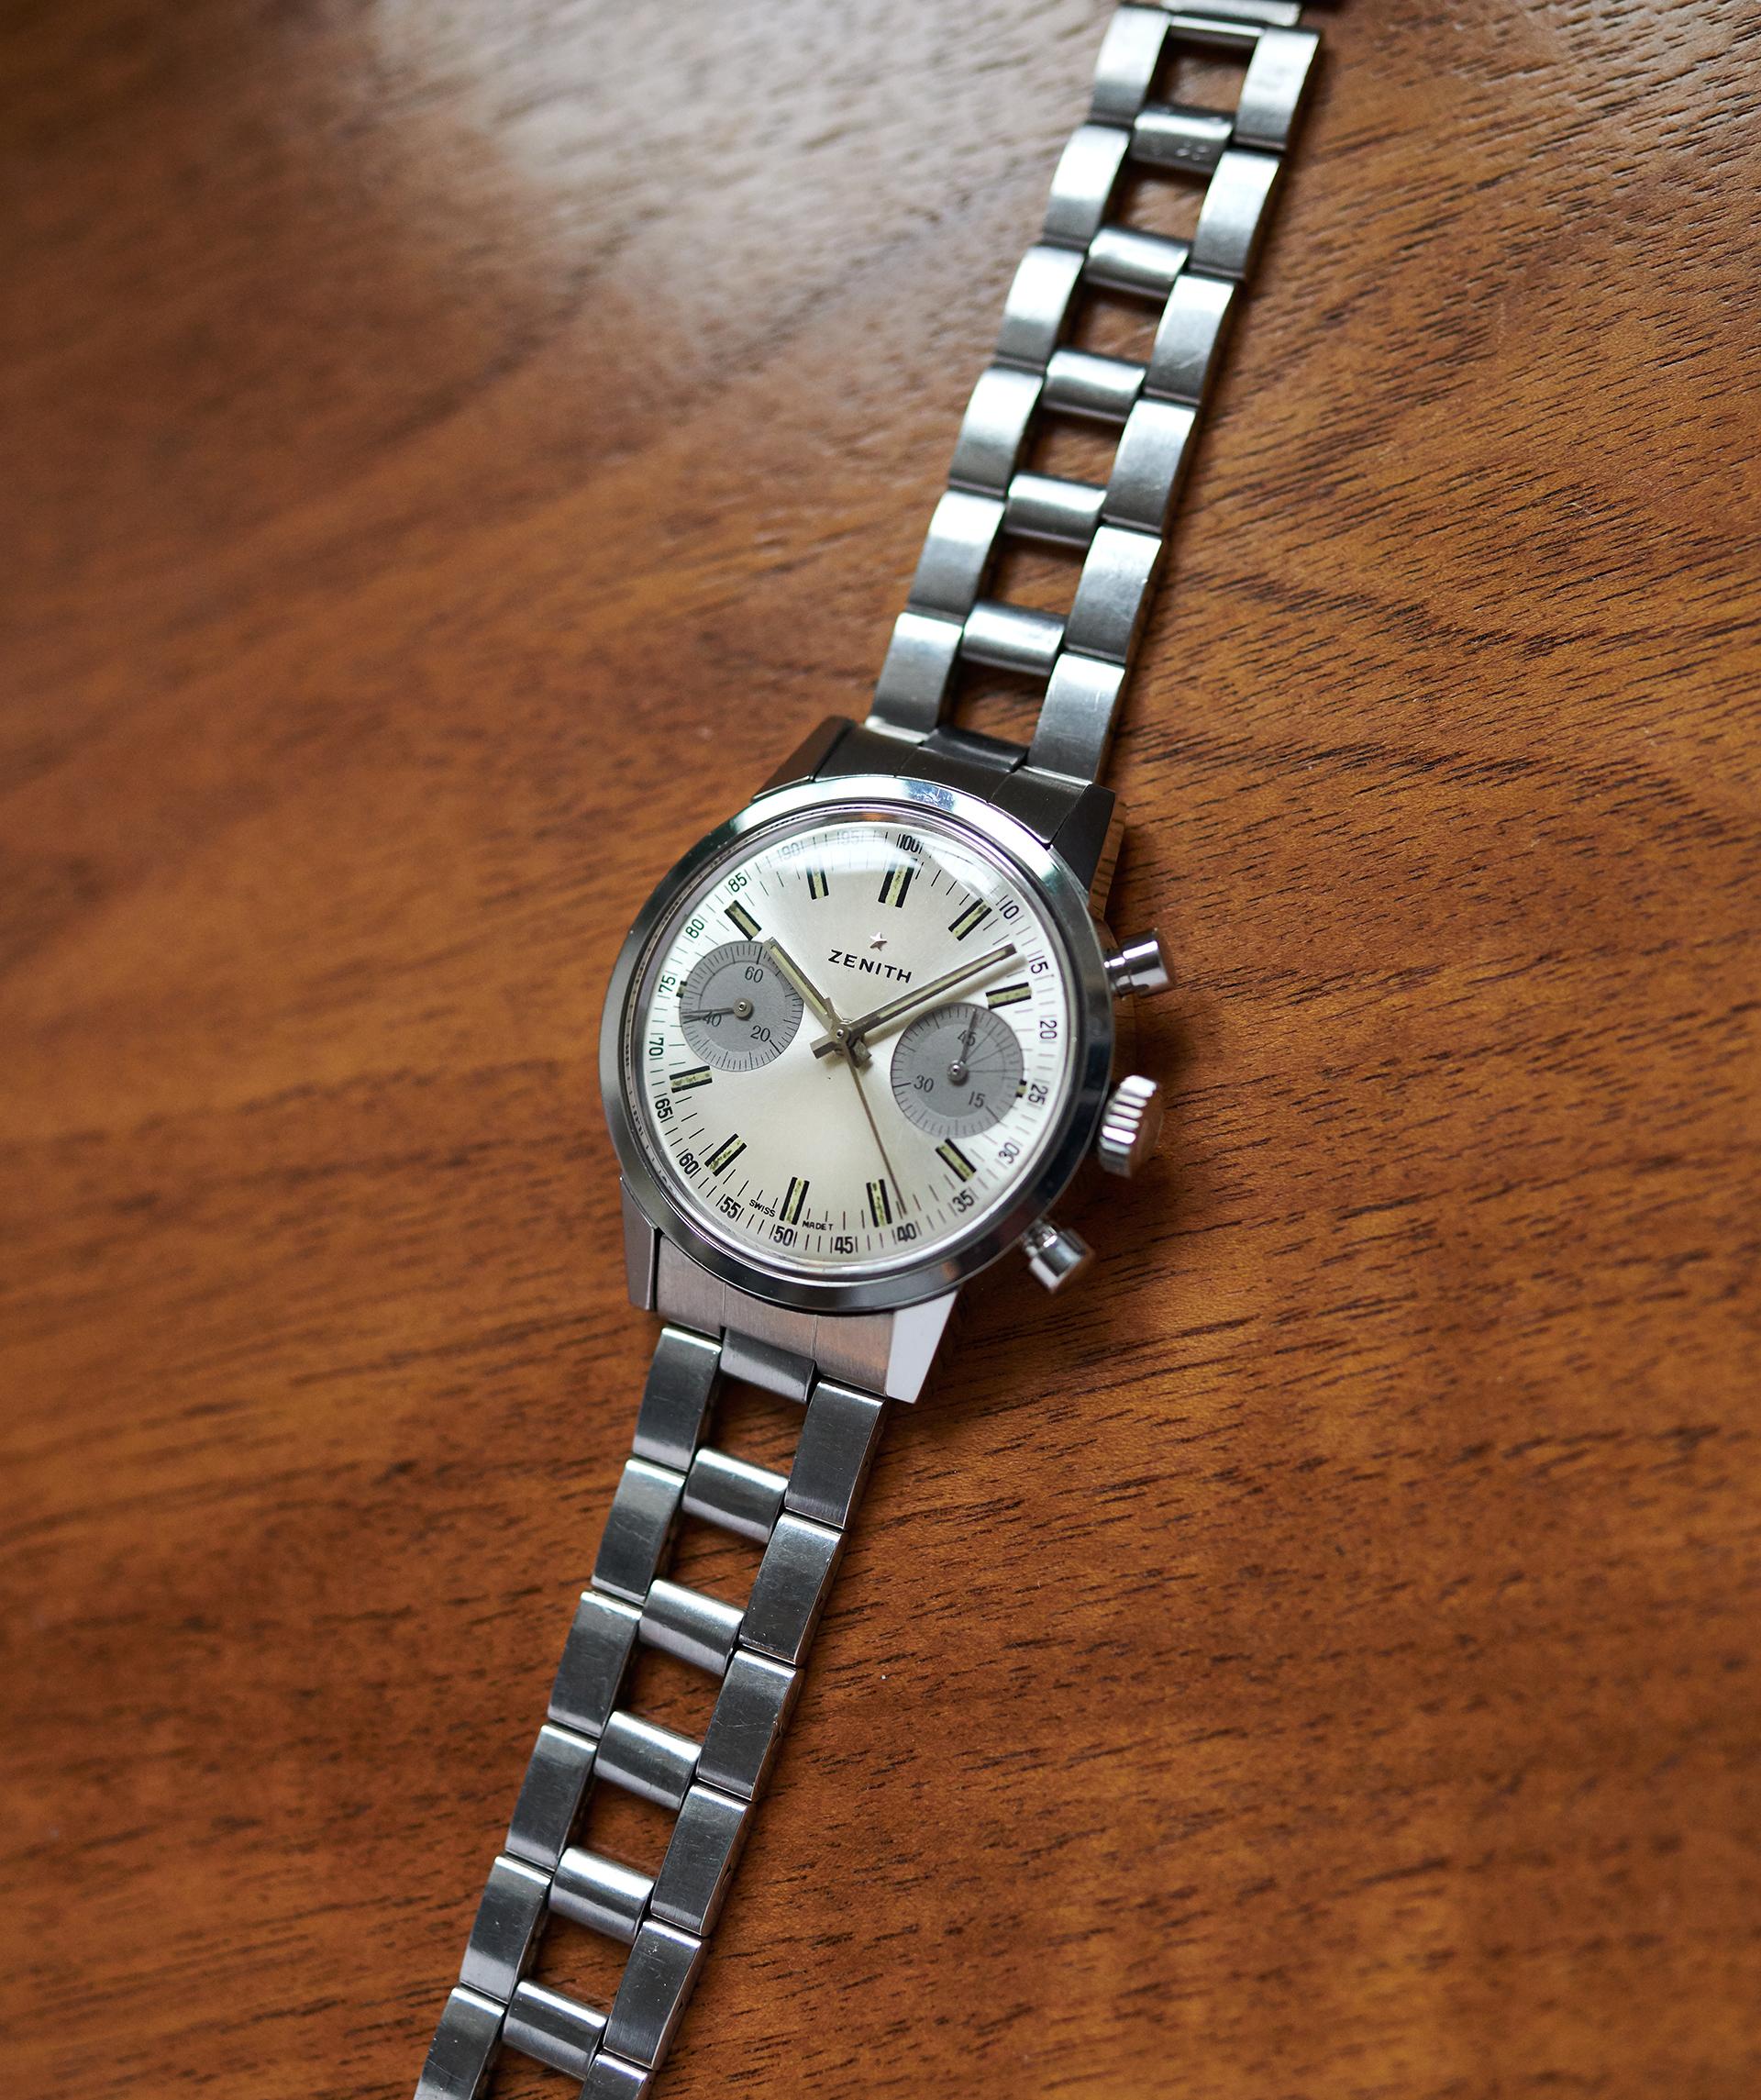 Zenith A279 Panda Chronograph / 1967